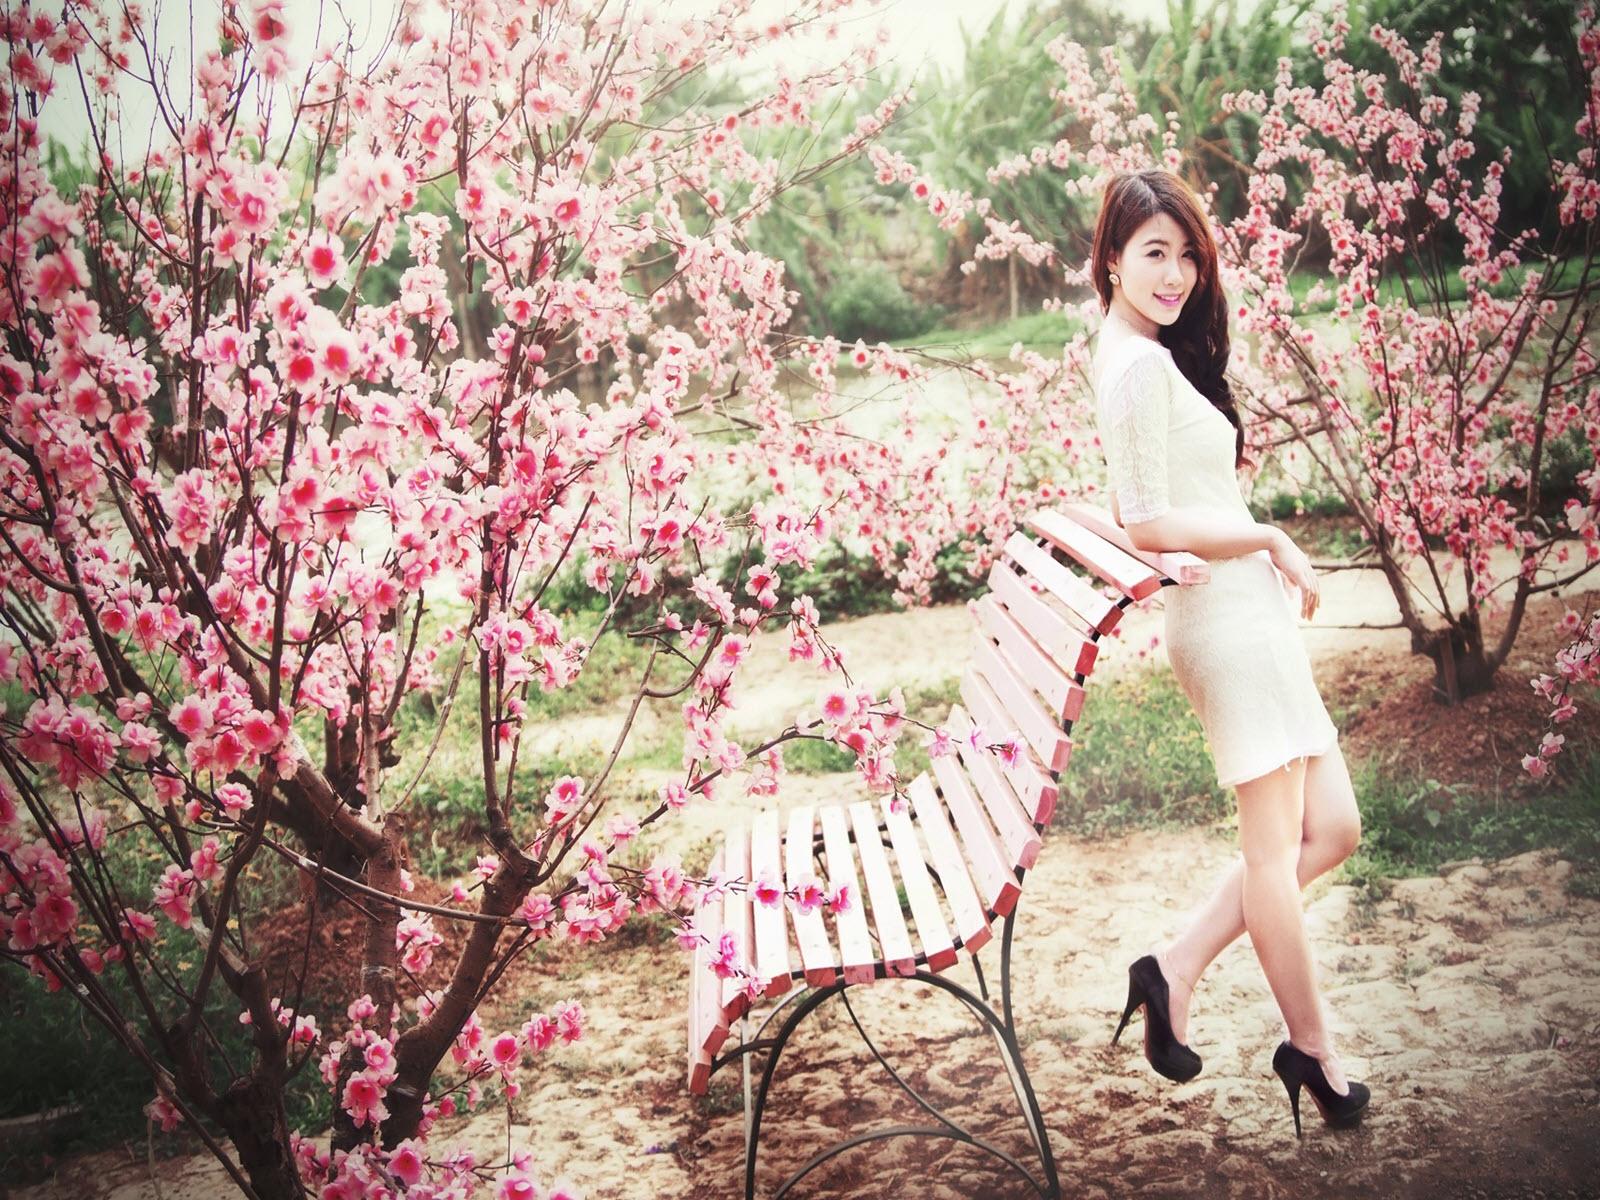 Hình nền hotgirl bên vườn đào